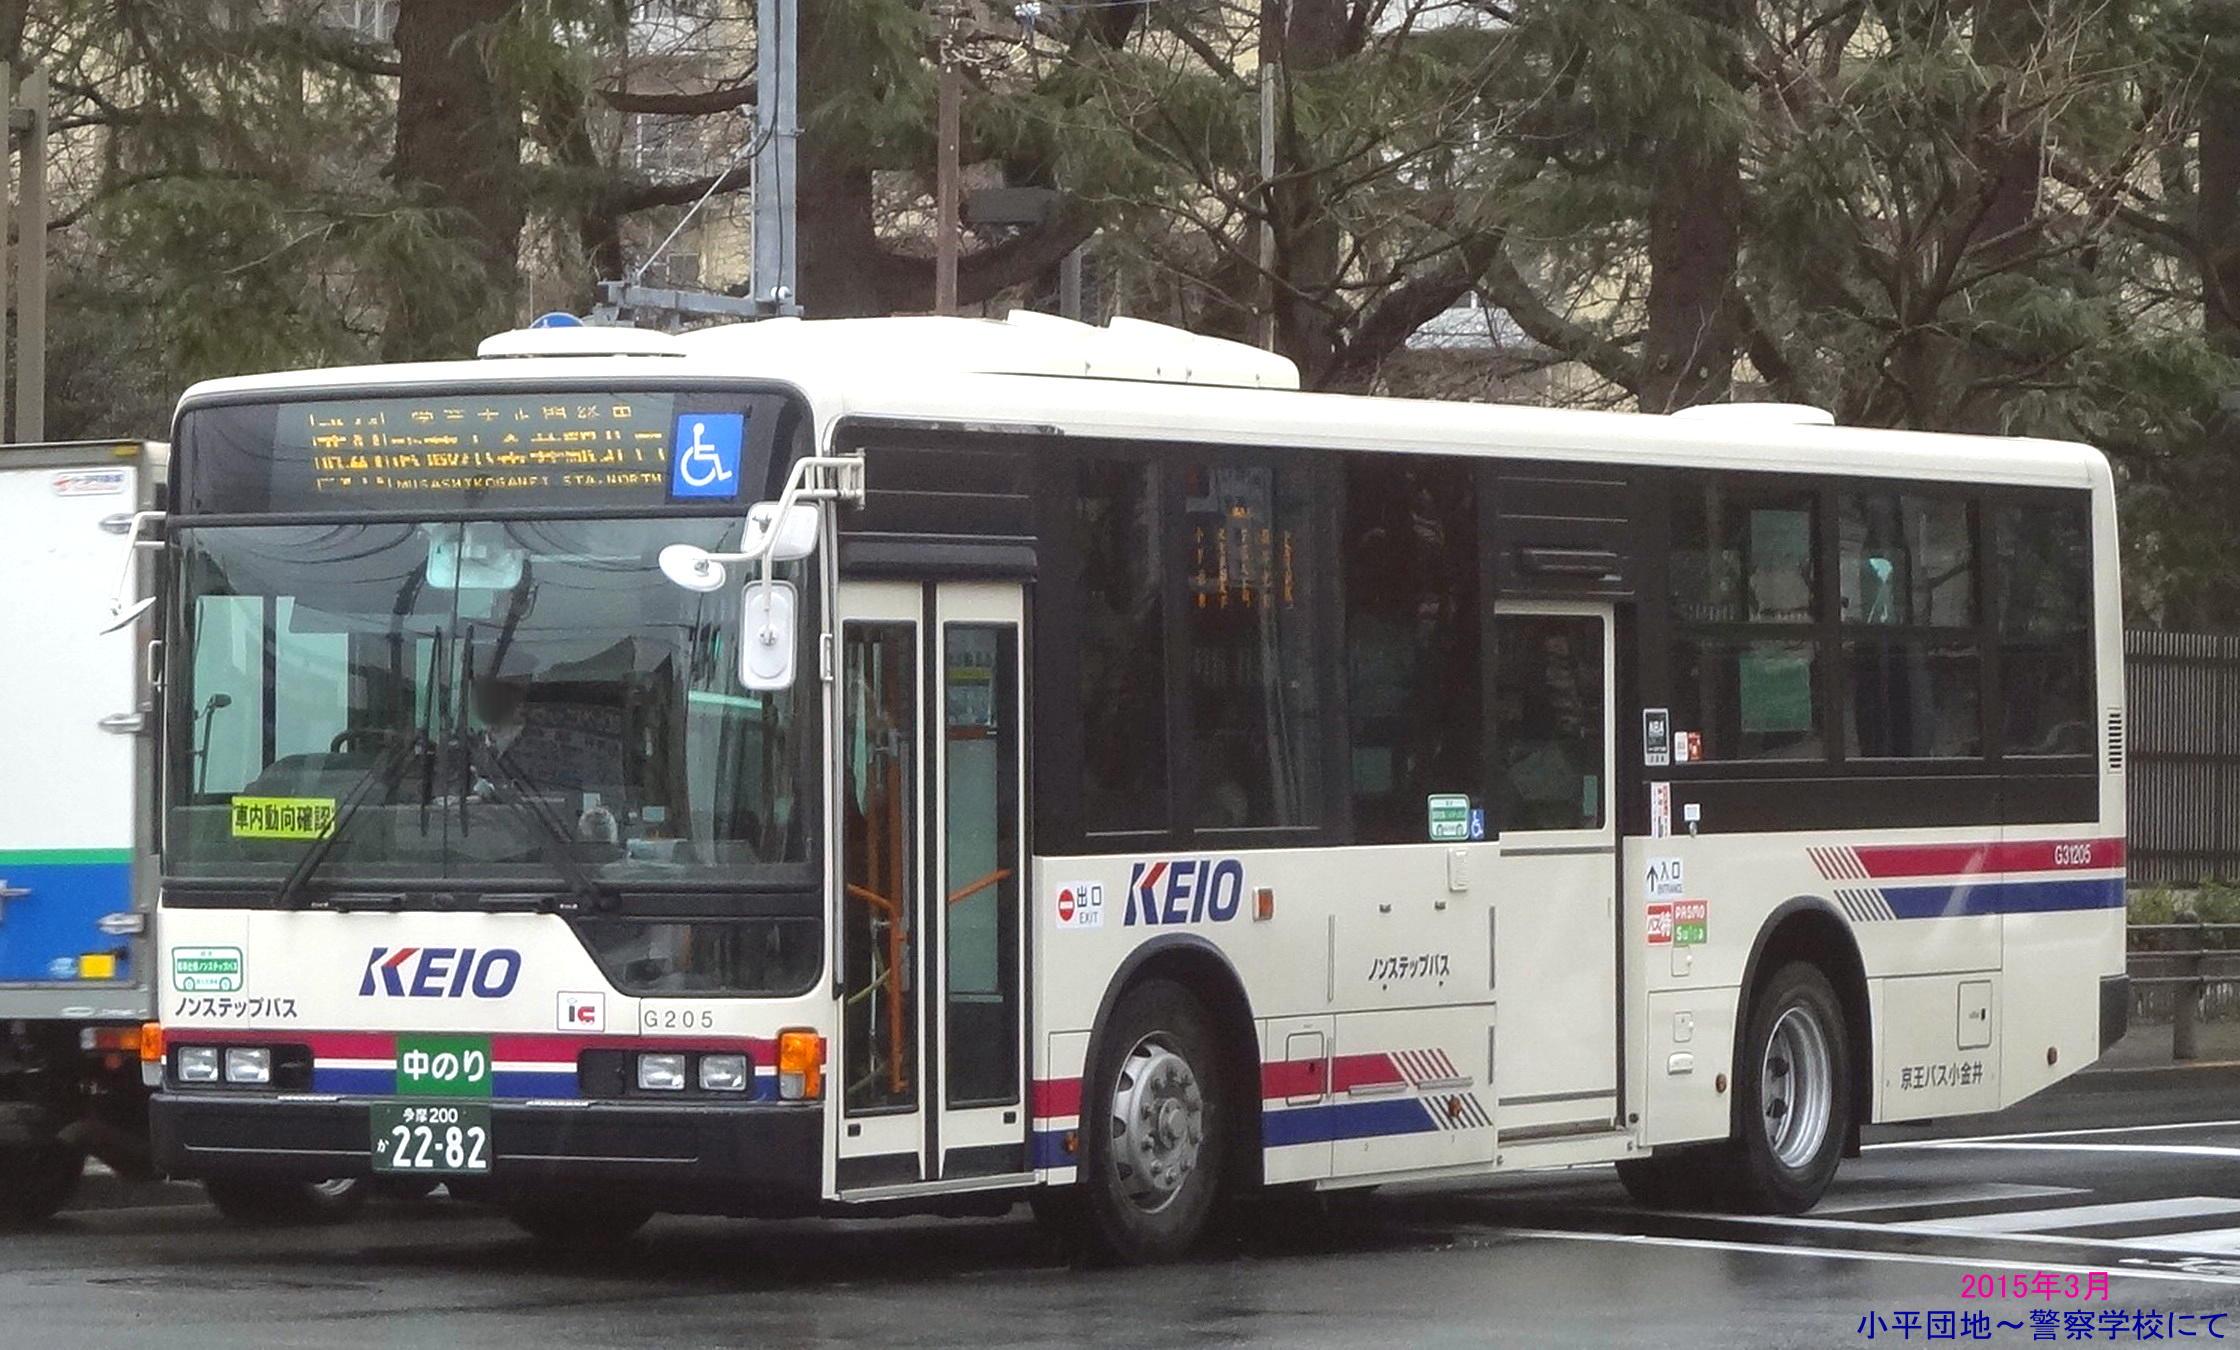 京王バス 時刻表・路線図 | infowoods 情報の集まる森